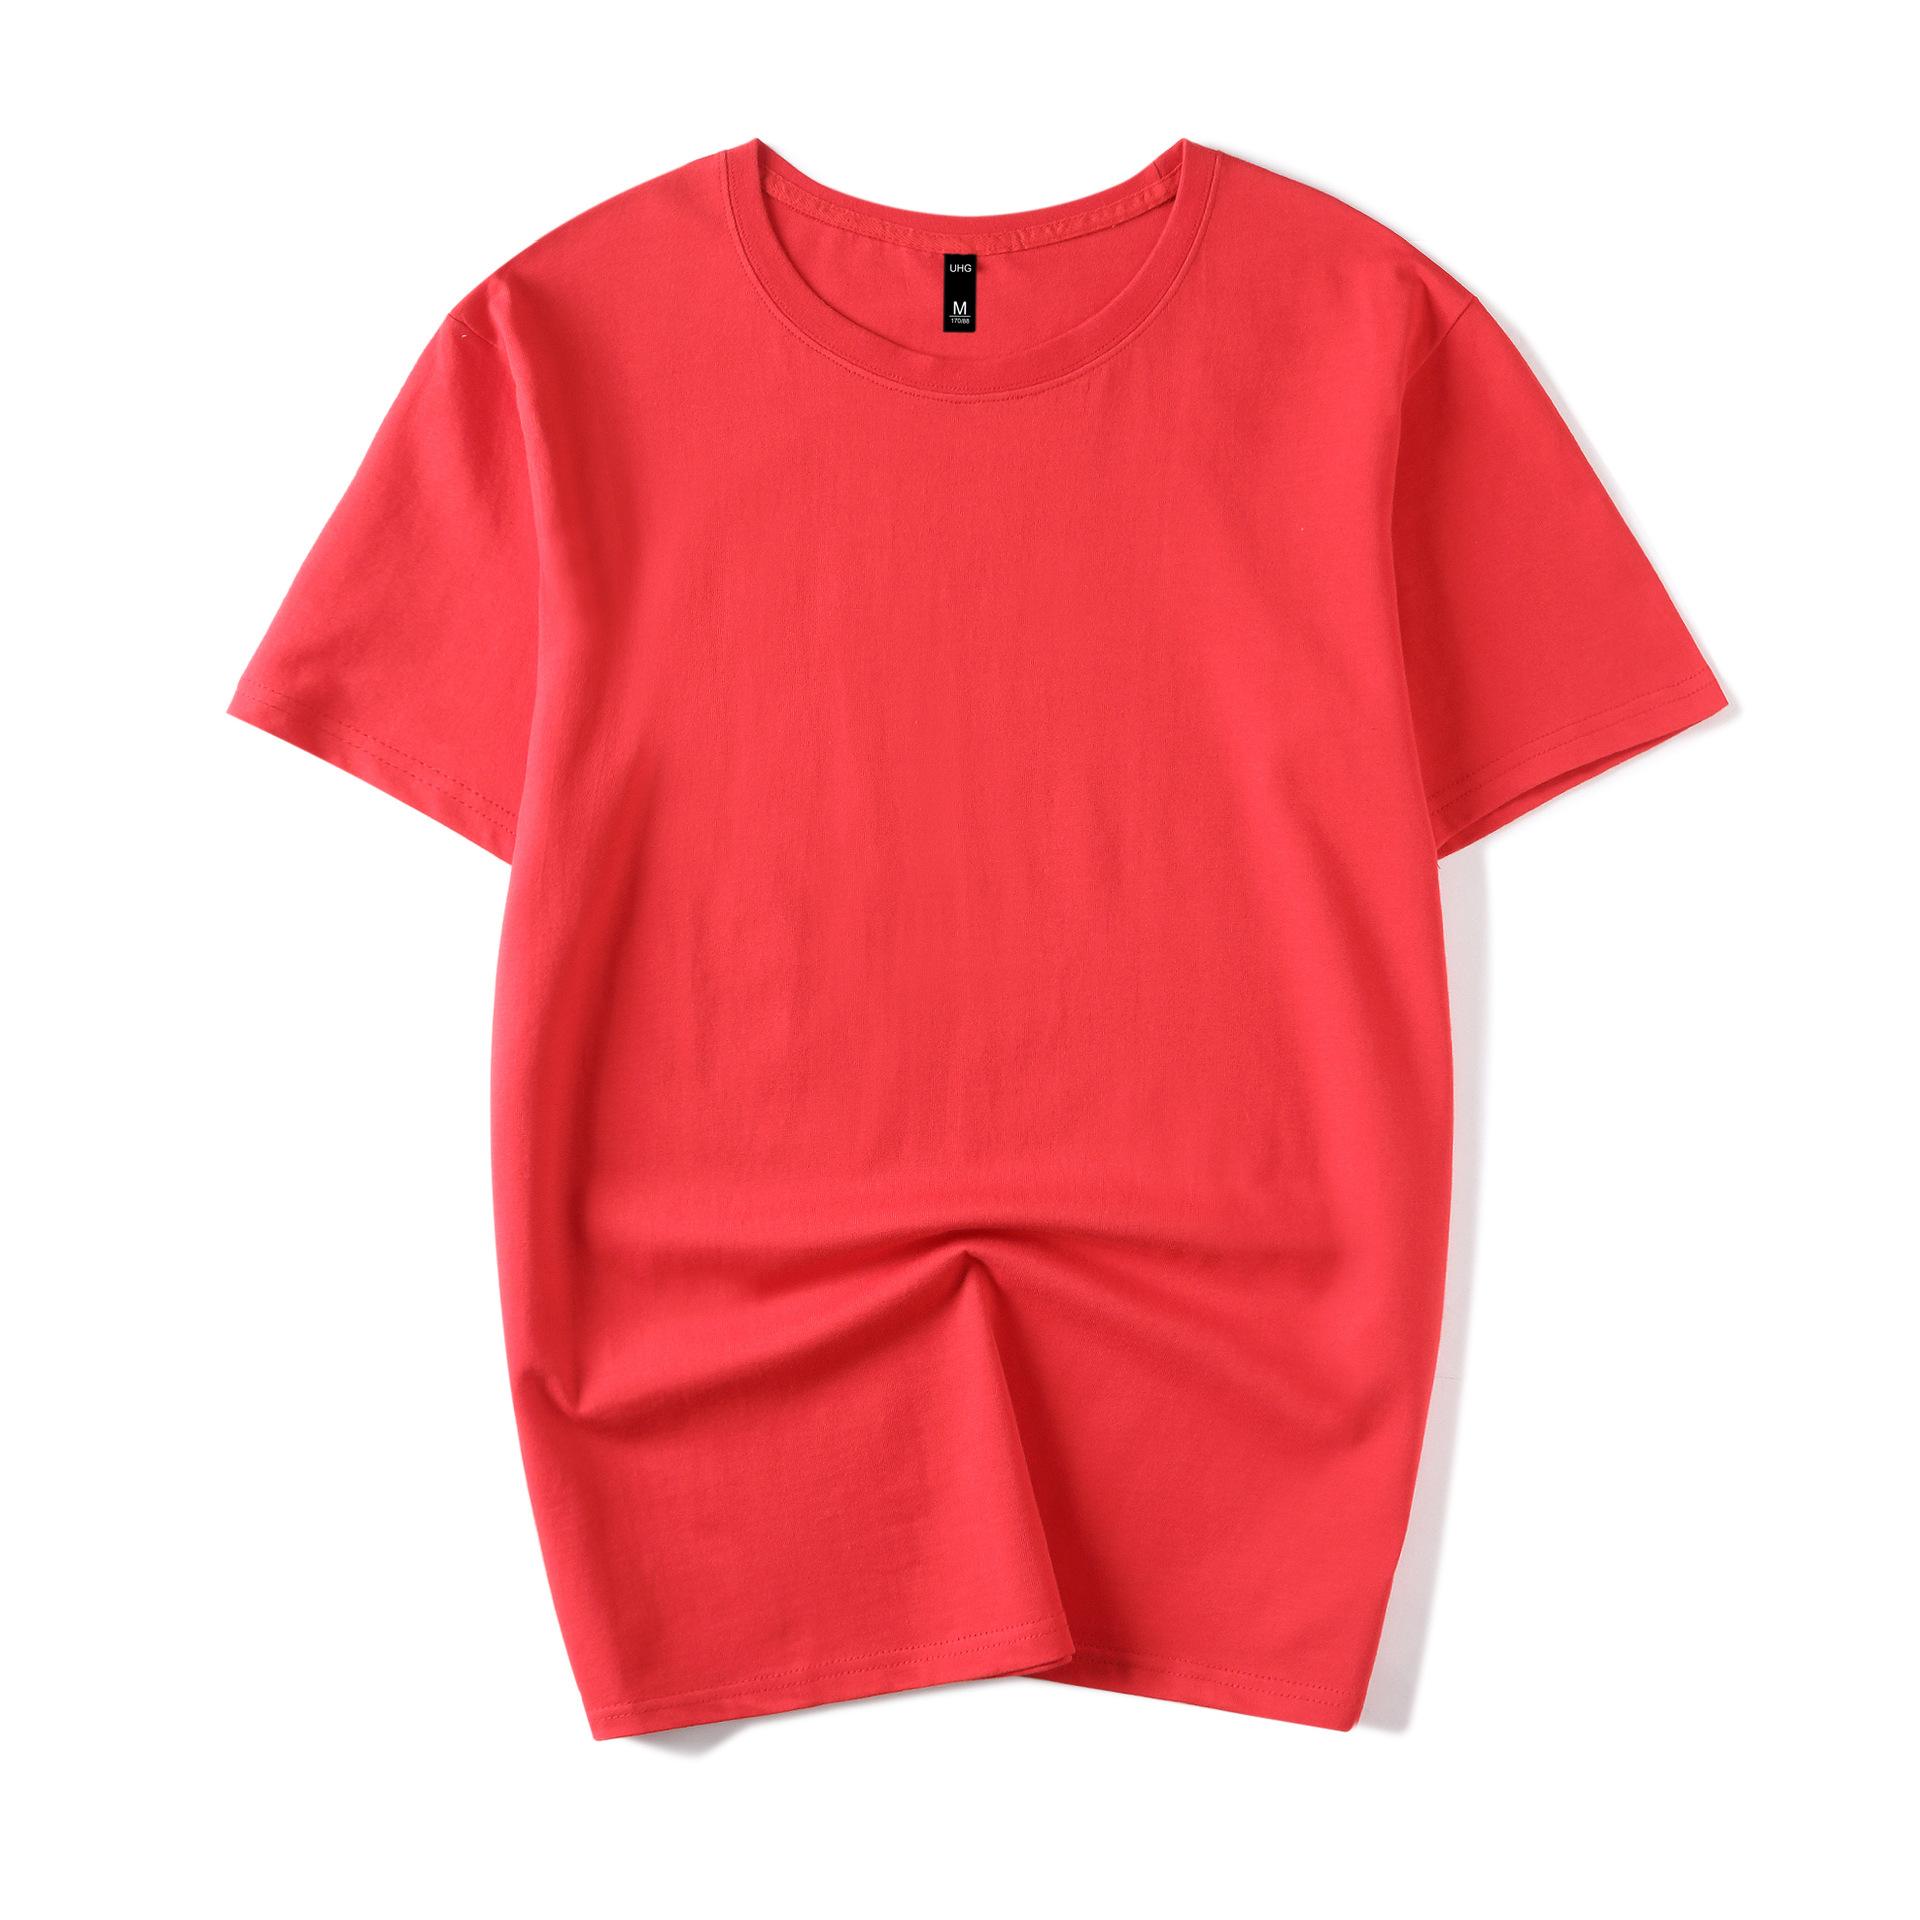 Red Men's short sleeve T-shirt